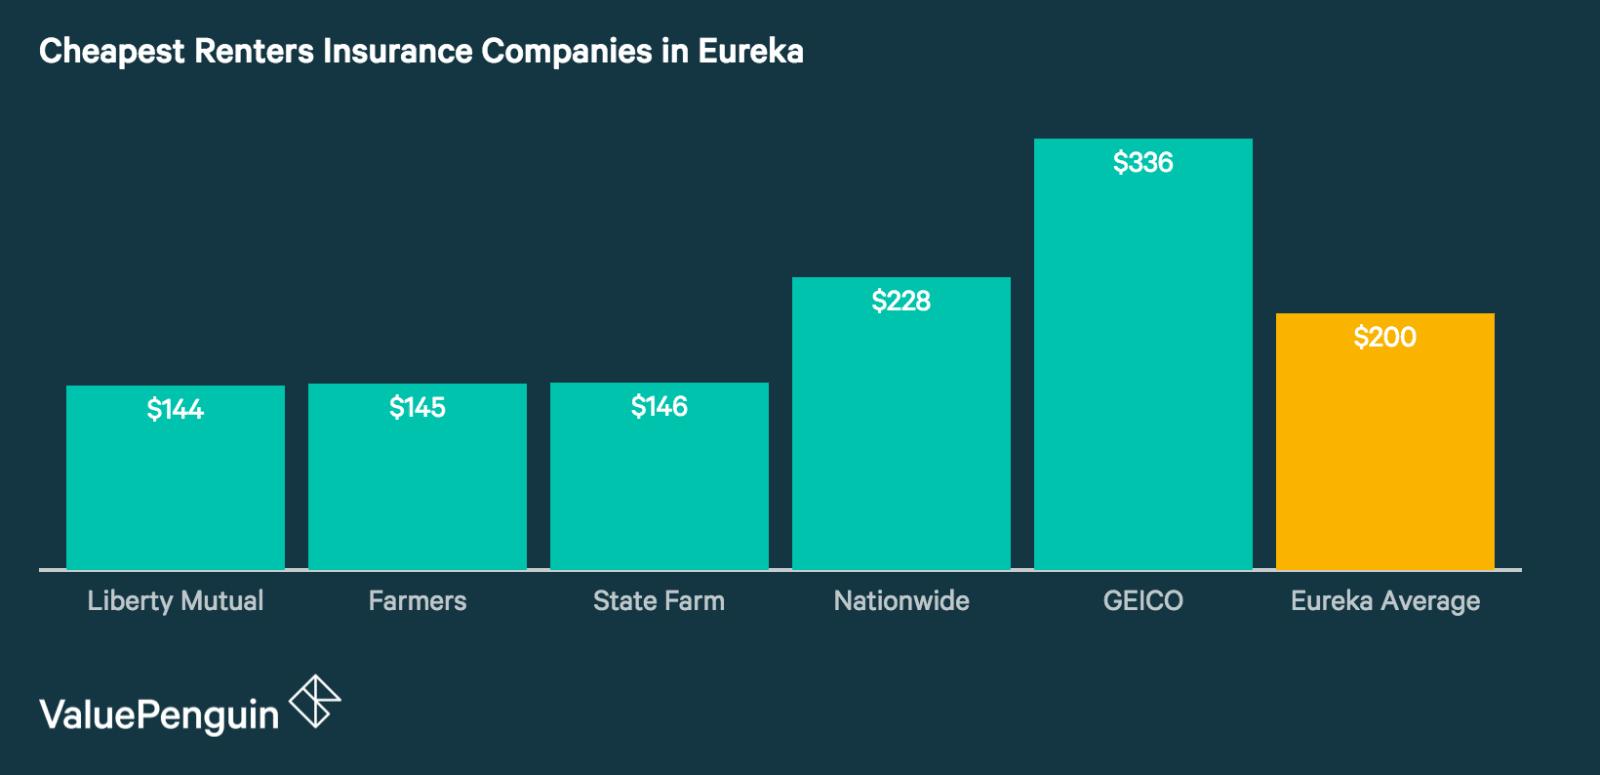 Cheap Renters Insurance Companies in Eureka